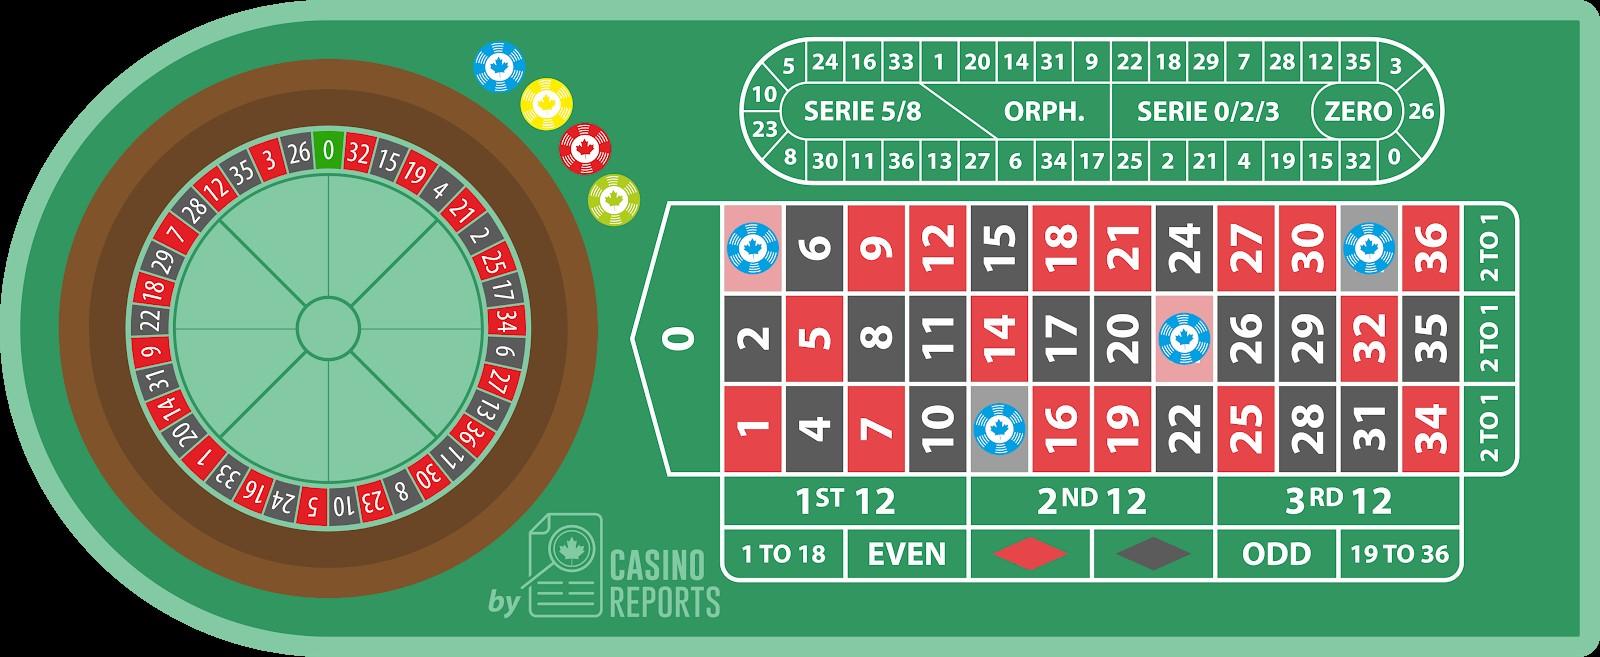 Roulette có tỷ lệ thắng cược cao